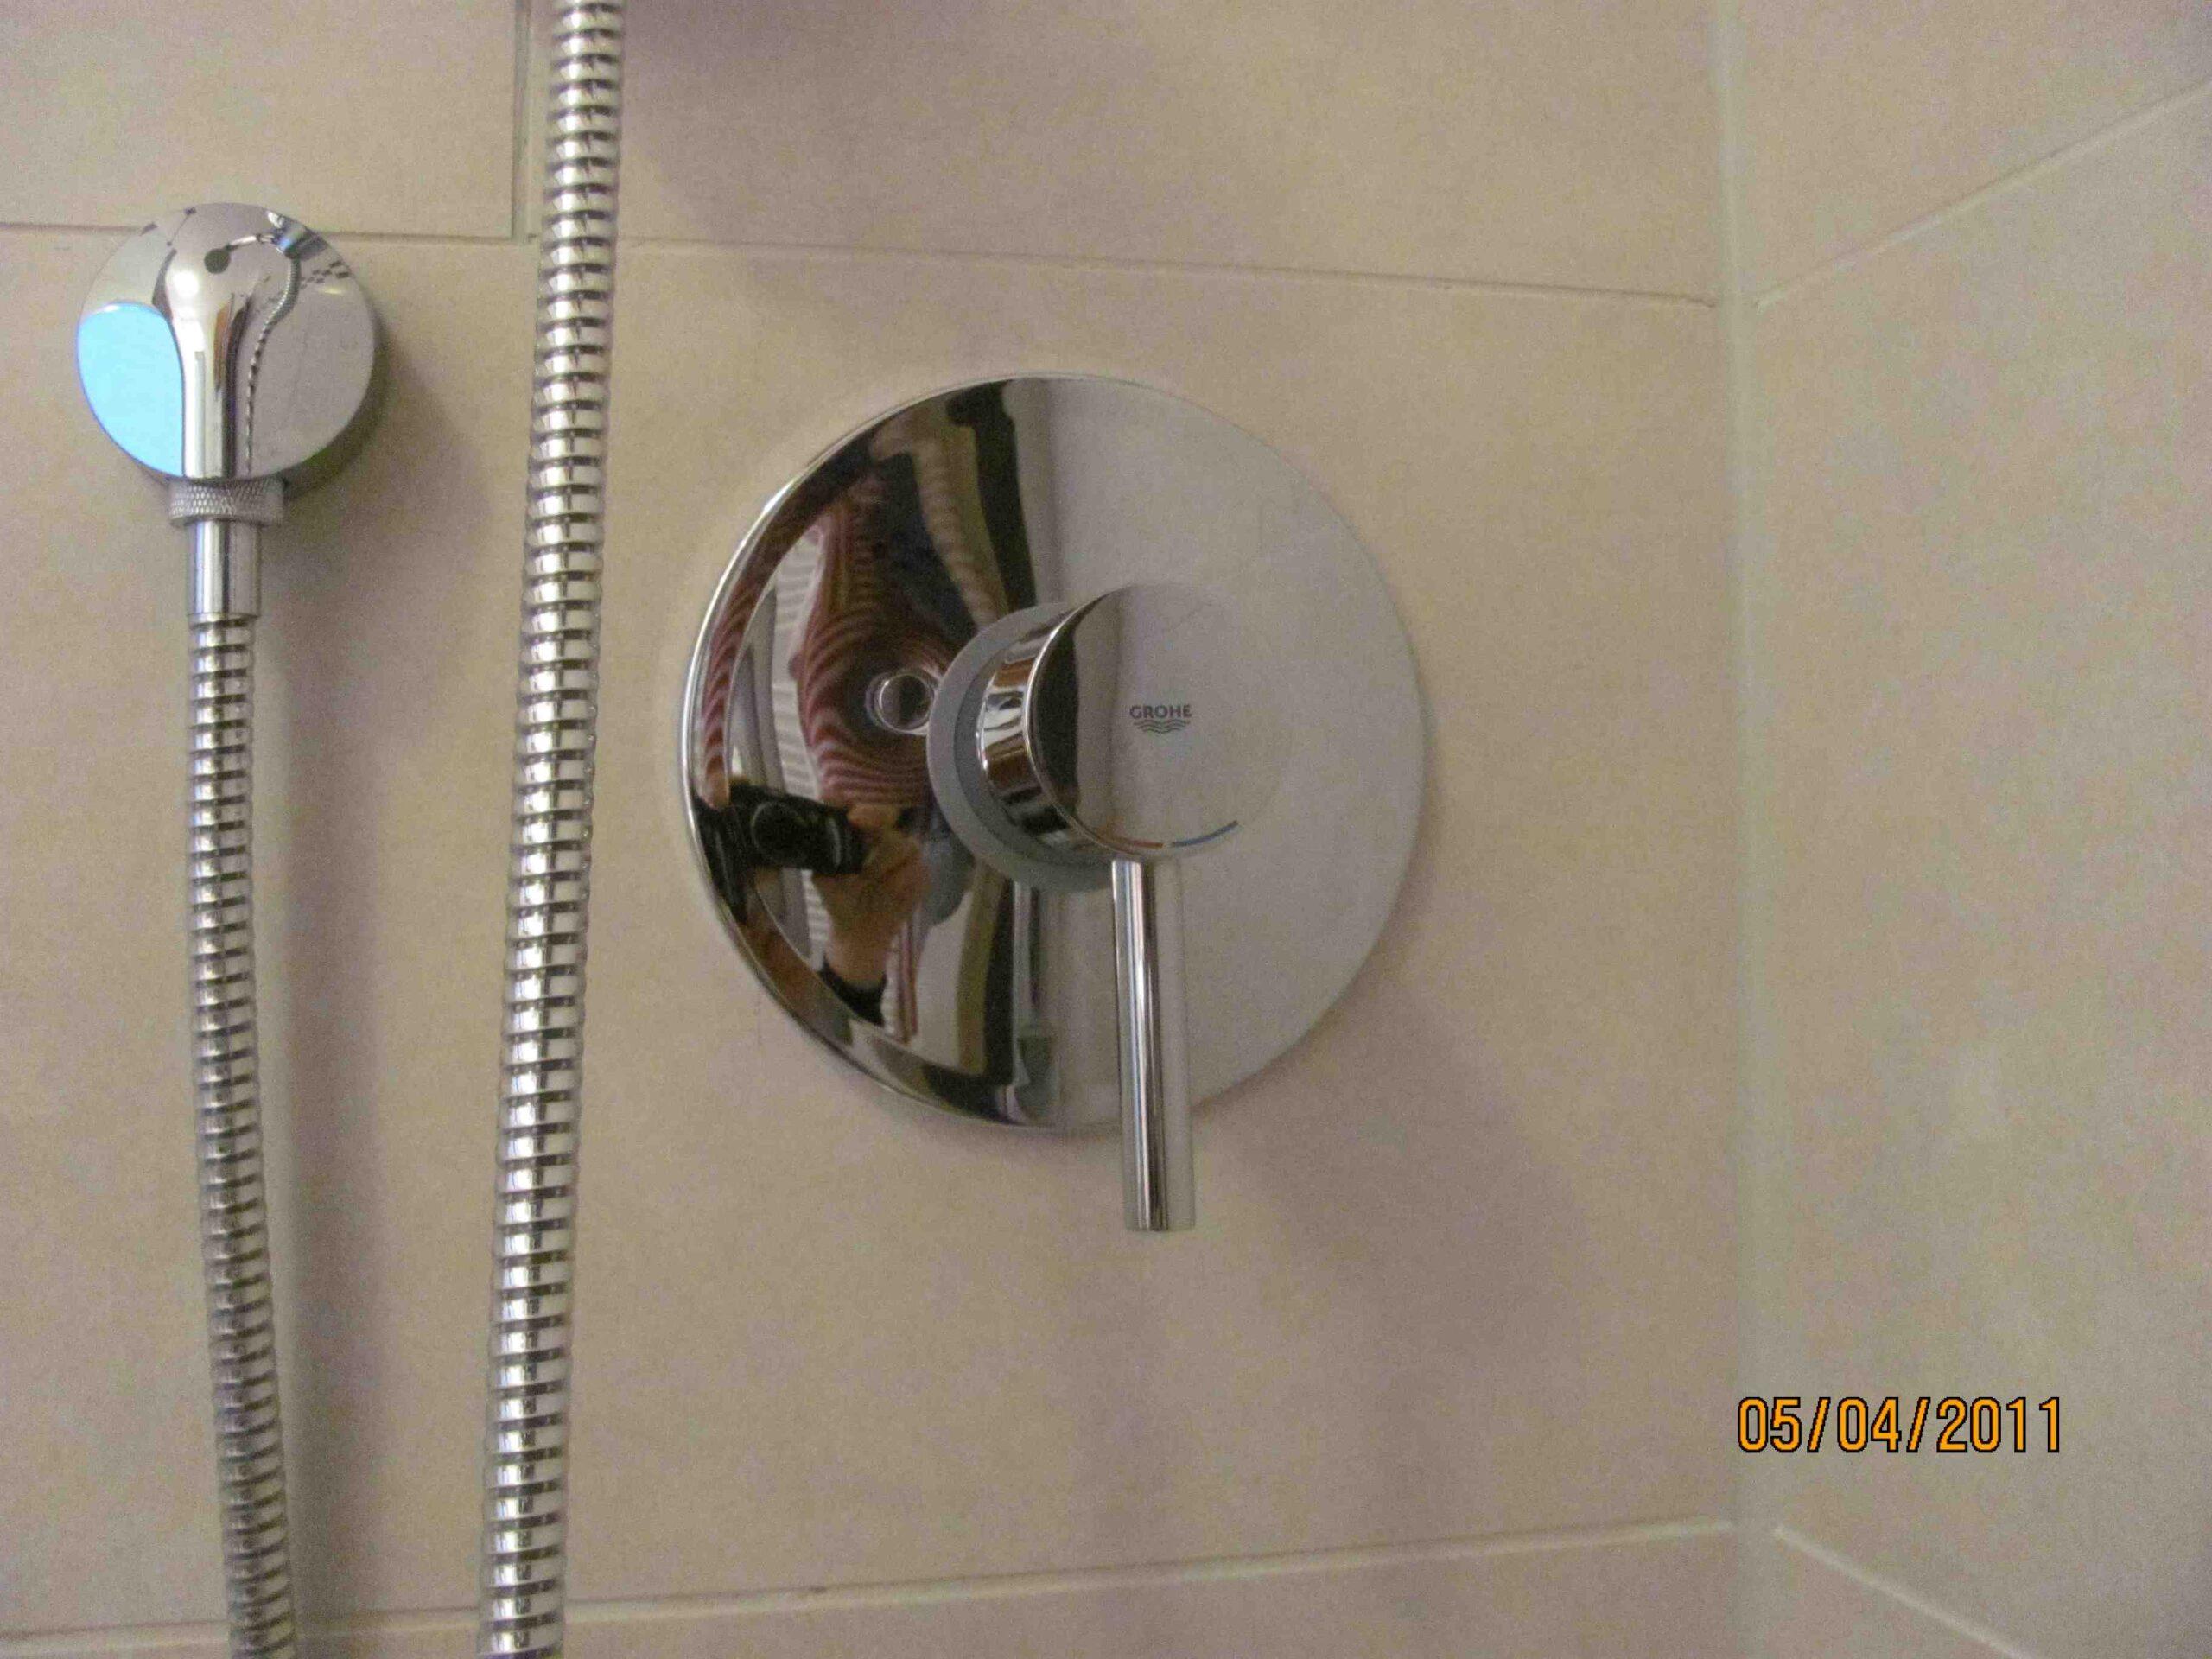 Full Size of Grohe Up Duscharmatur Rckfluverhinderer Haustechnikdialog Schiebetür Dusche Hüppe Bodengleiche Duschen Einbauen Kaufen Thermostat Walkin Eckeinstieg Dusche Grohe Thermostat Dusche